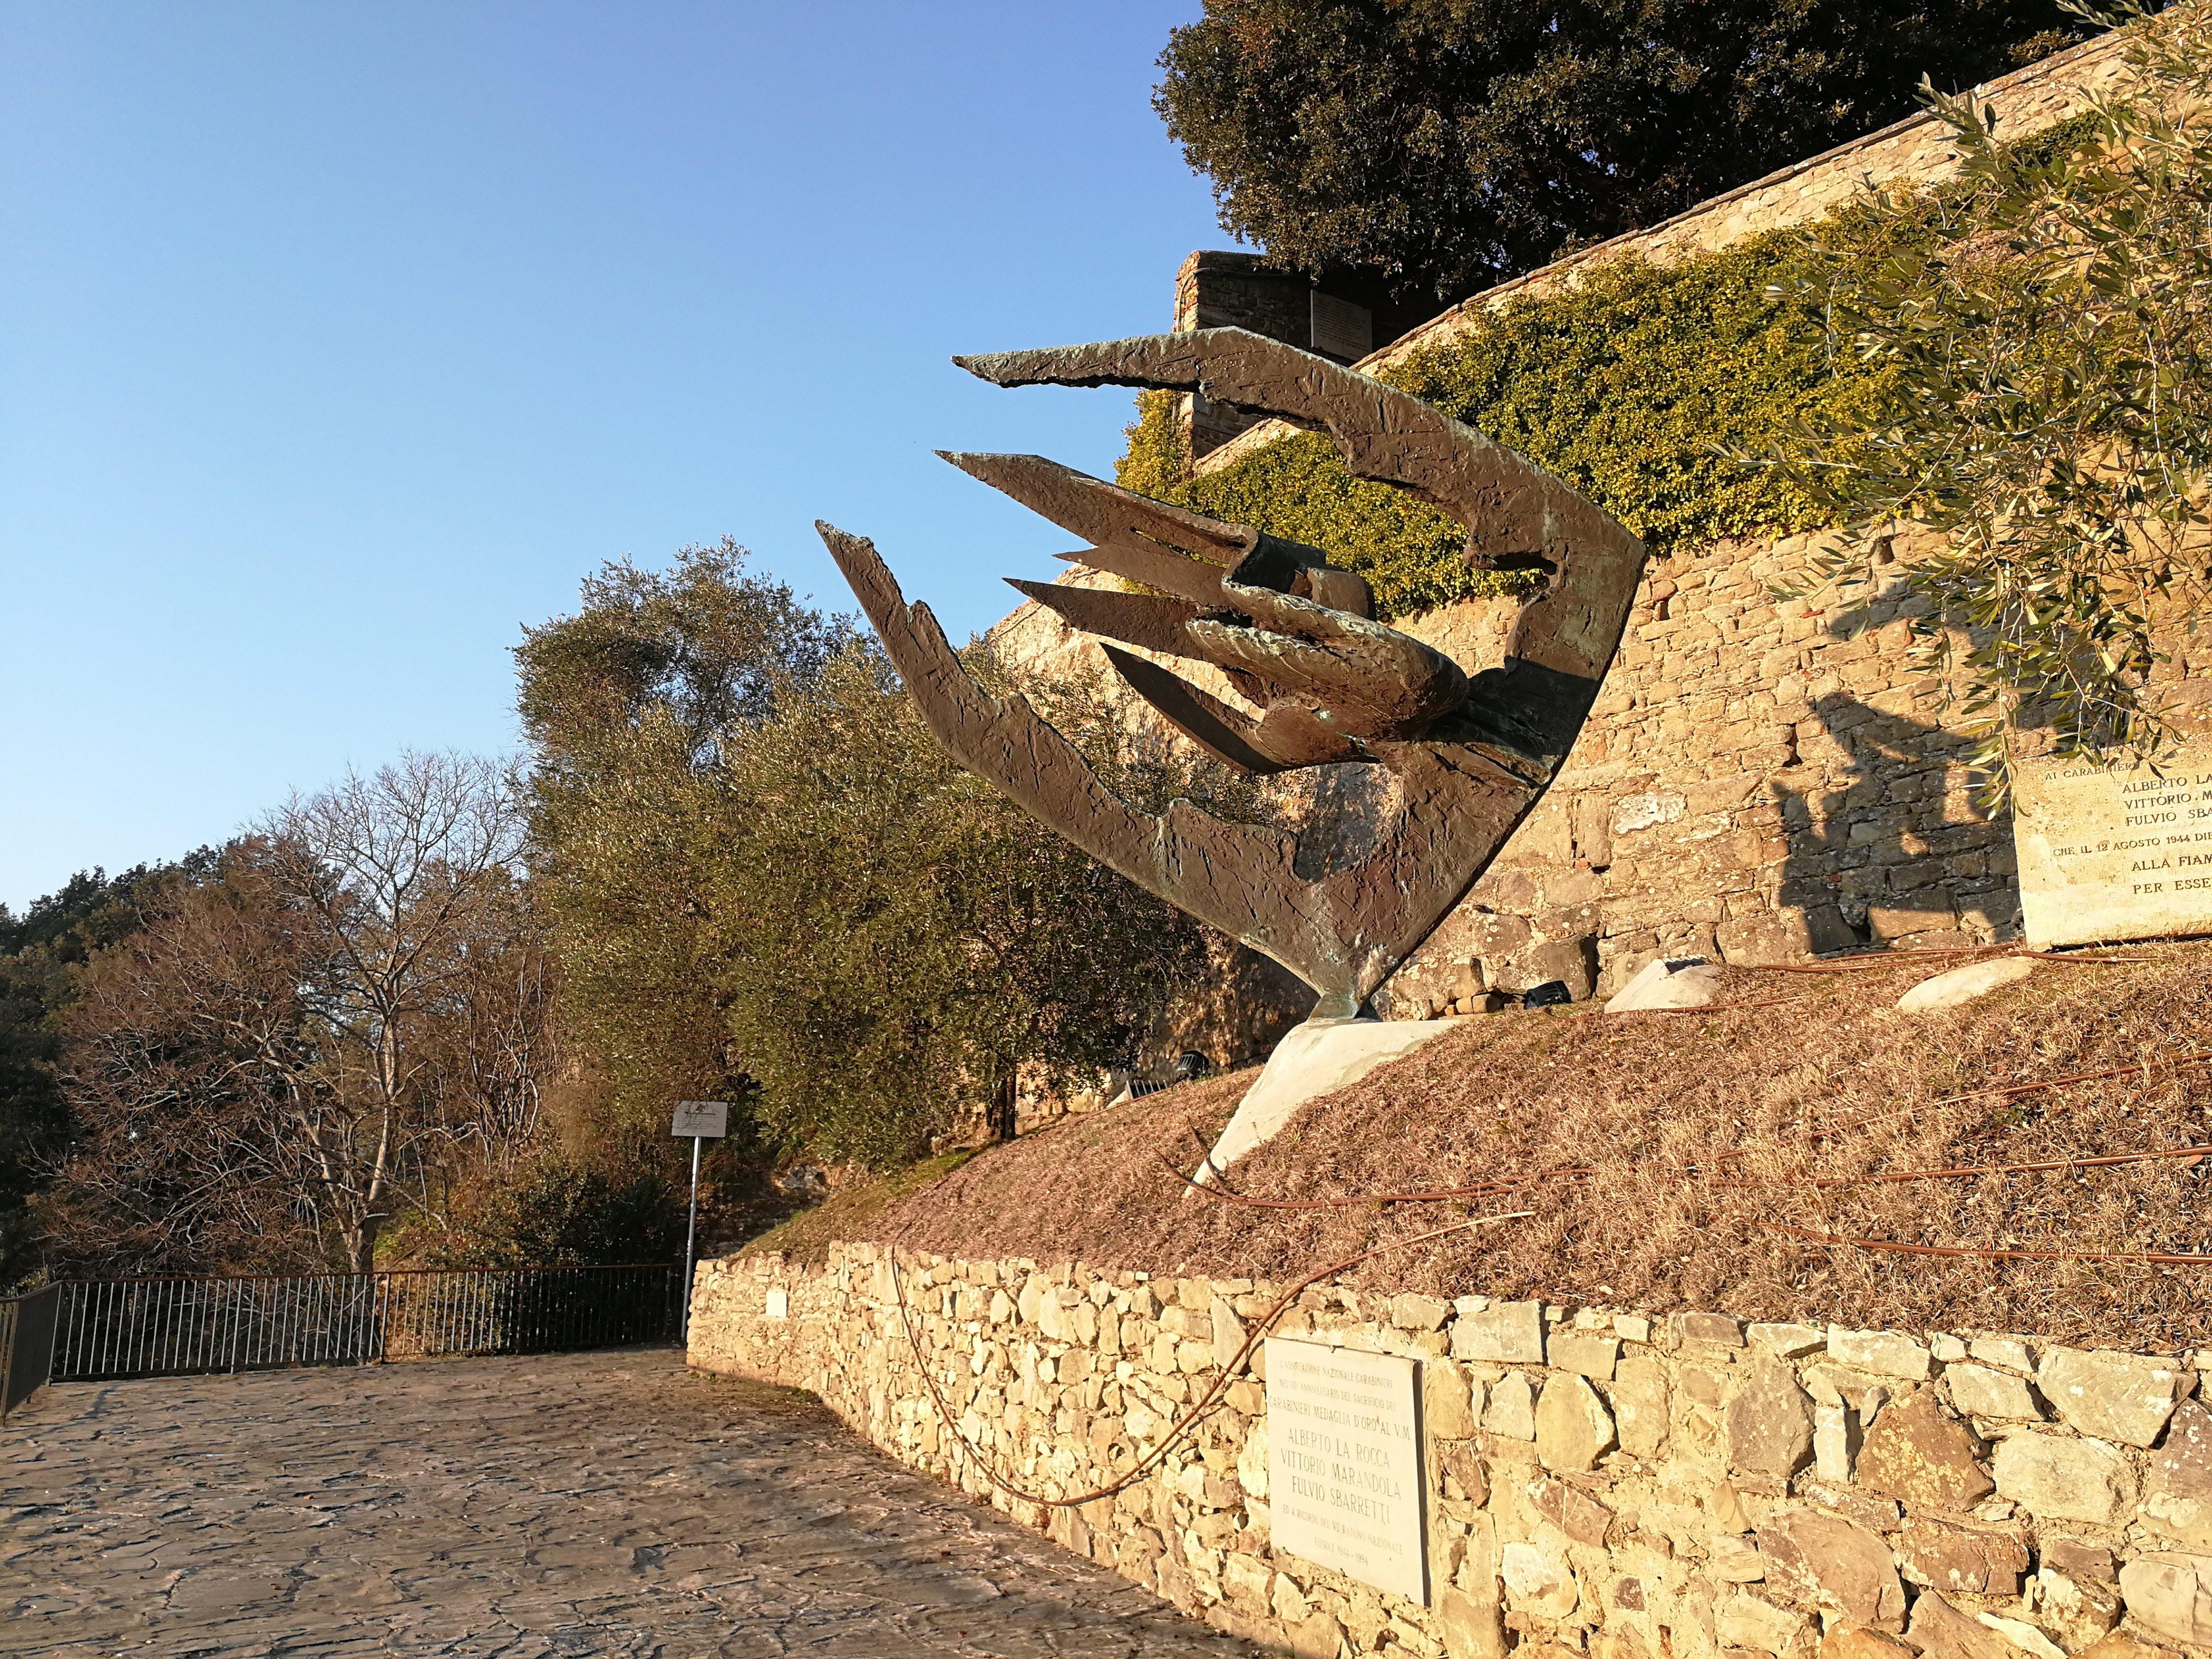 Guasti, Michelucci e il Monumento ai Tre Carabinieri: la mostra a Fiesole